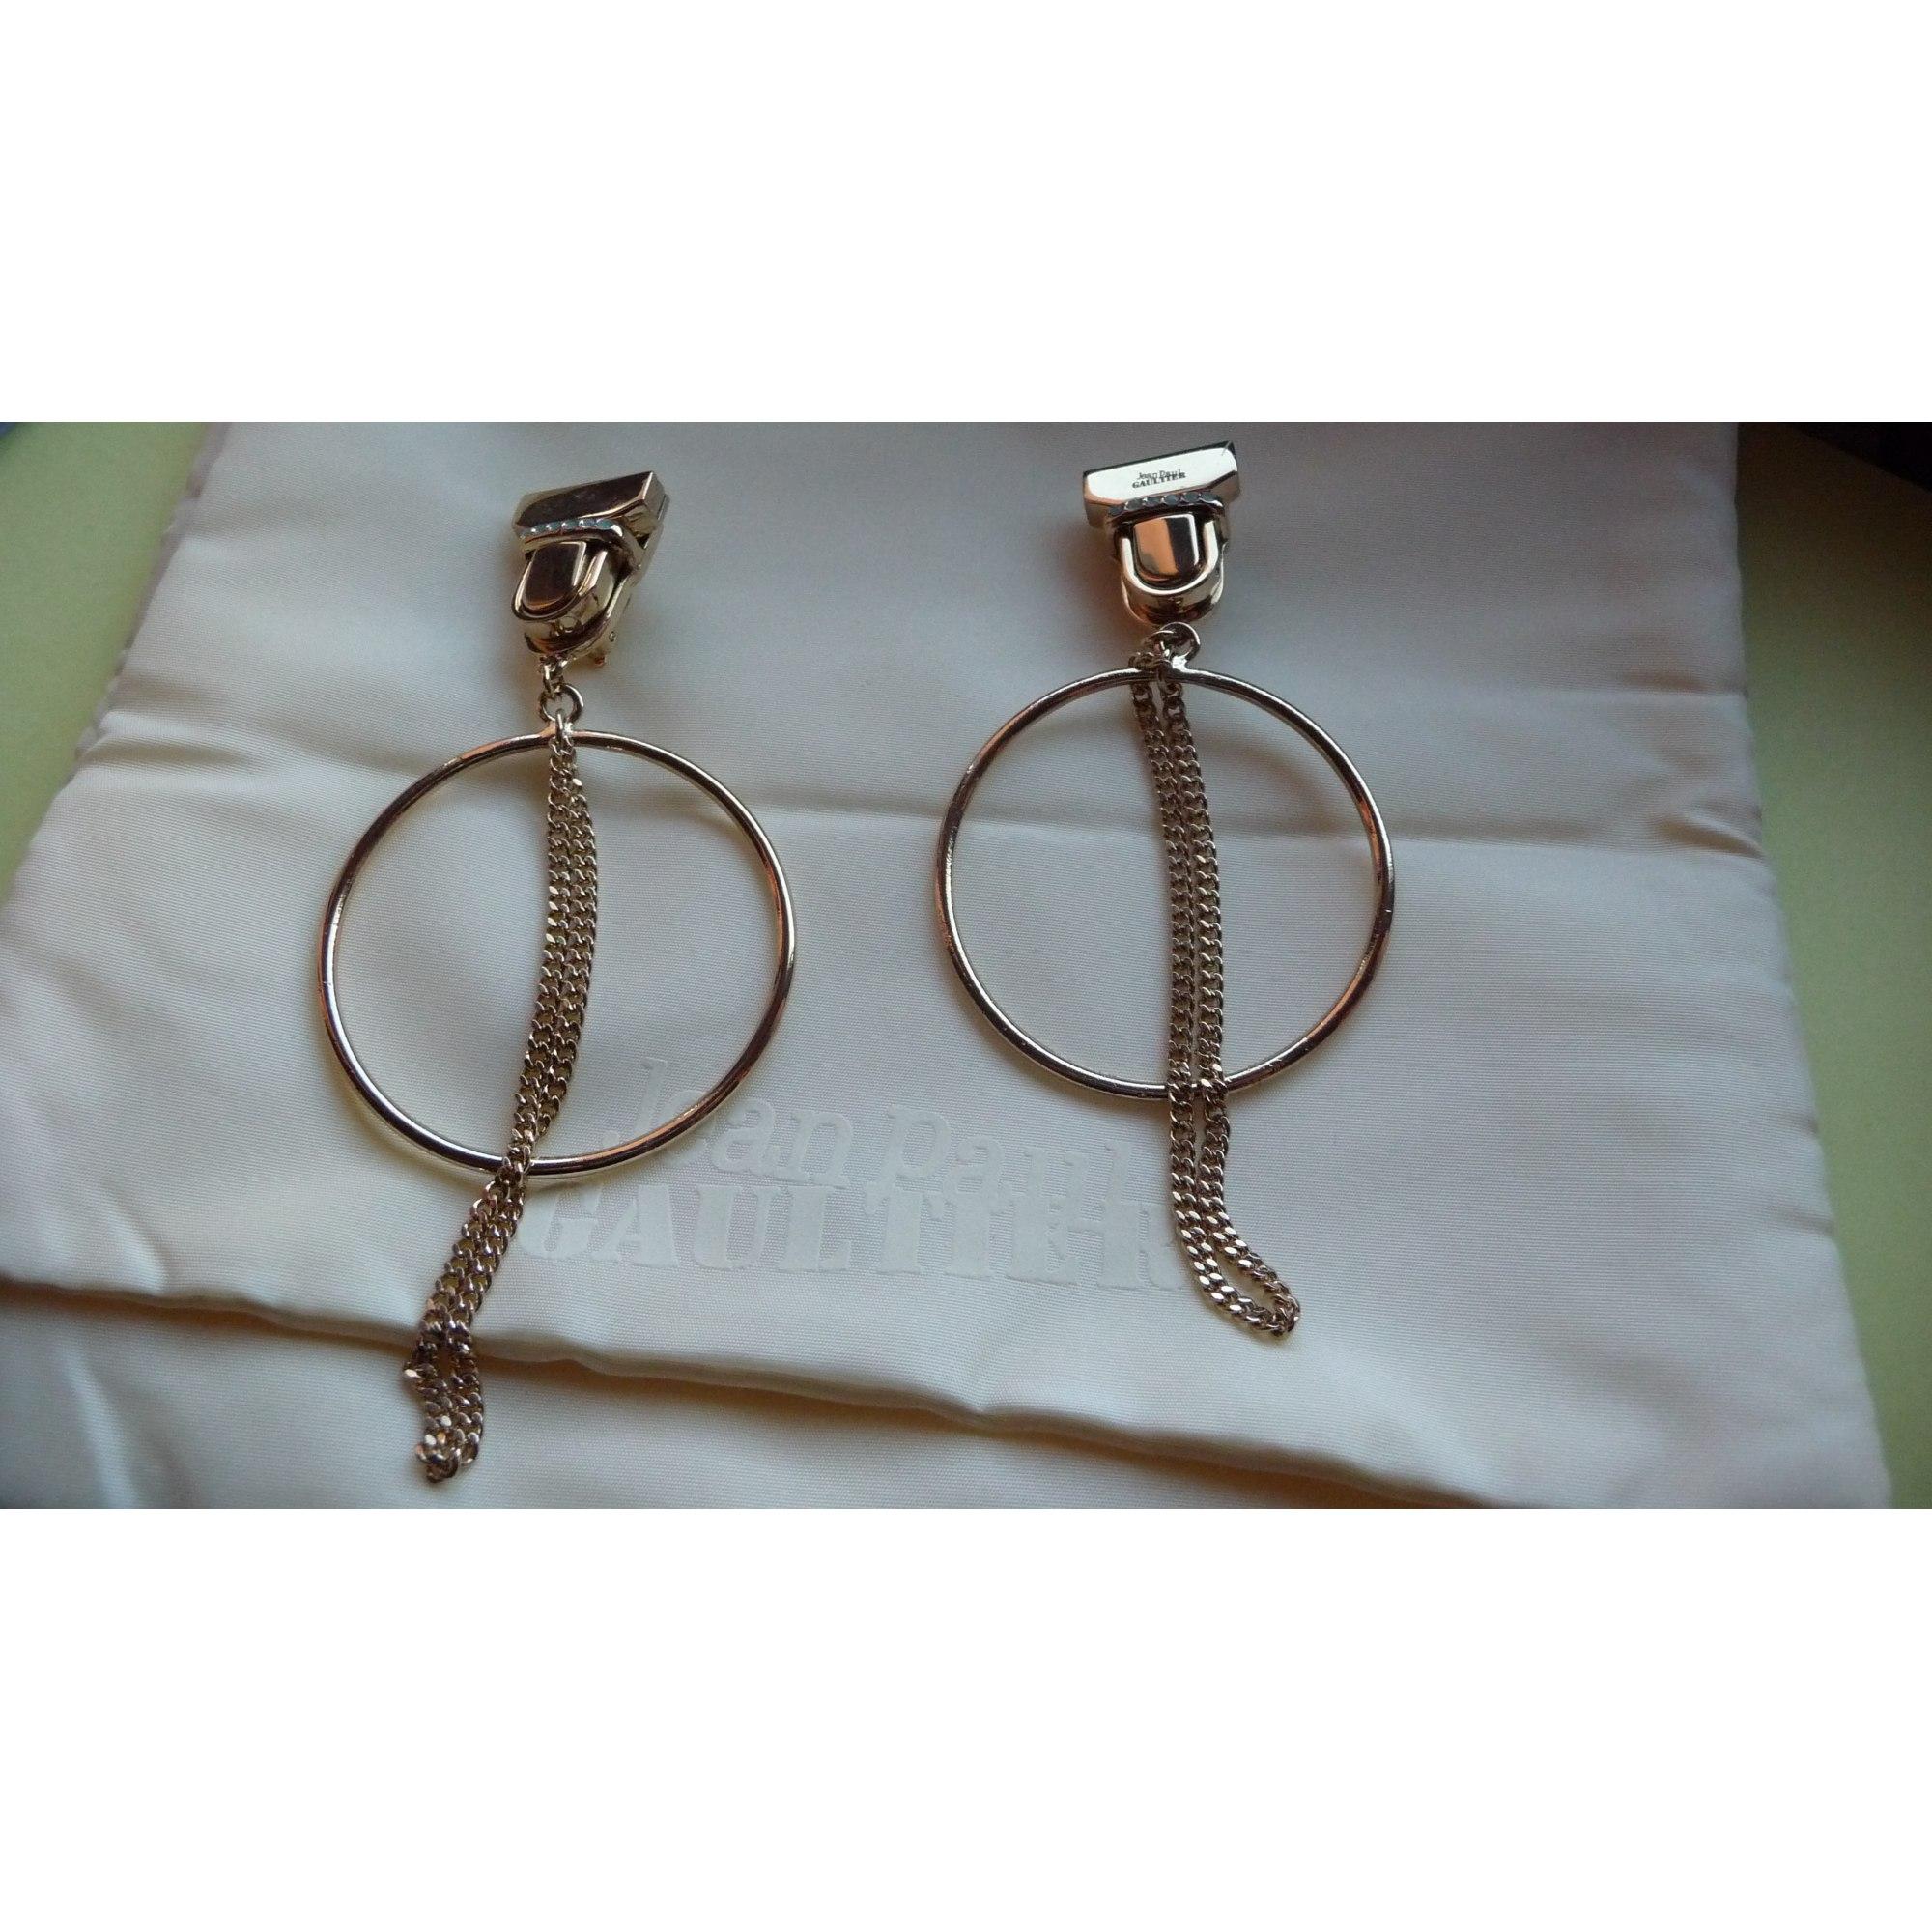 Boucles d'oreille JEAN PAUL GAULTIER métal doré